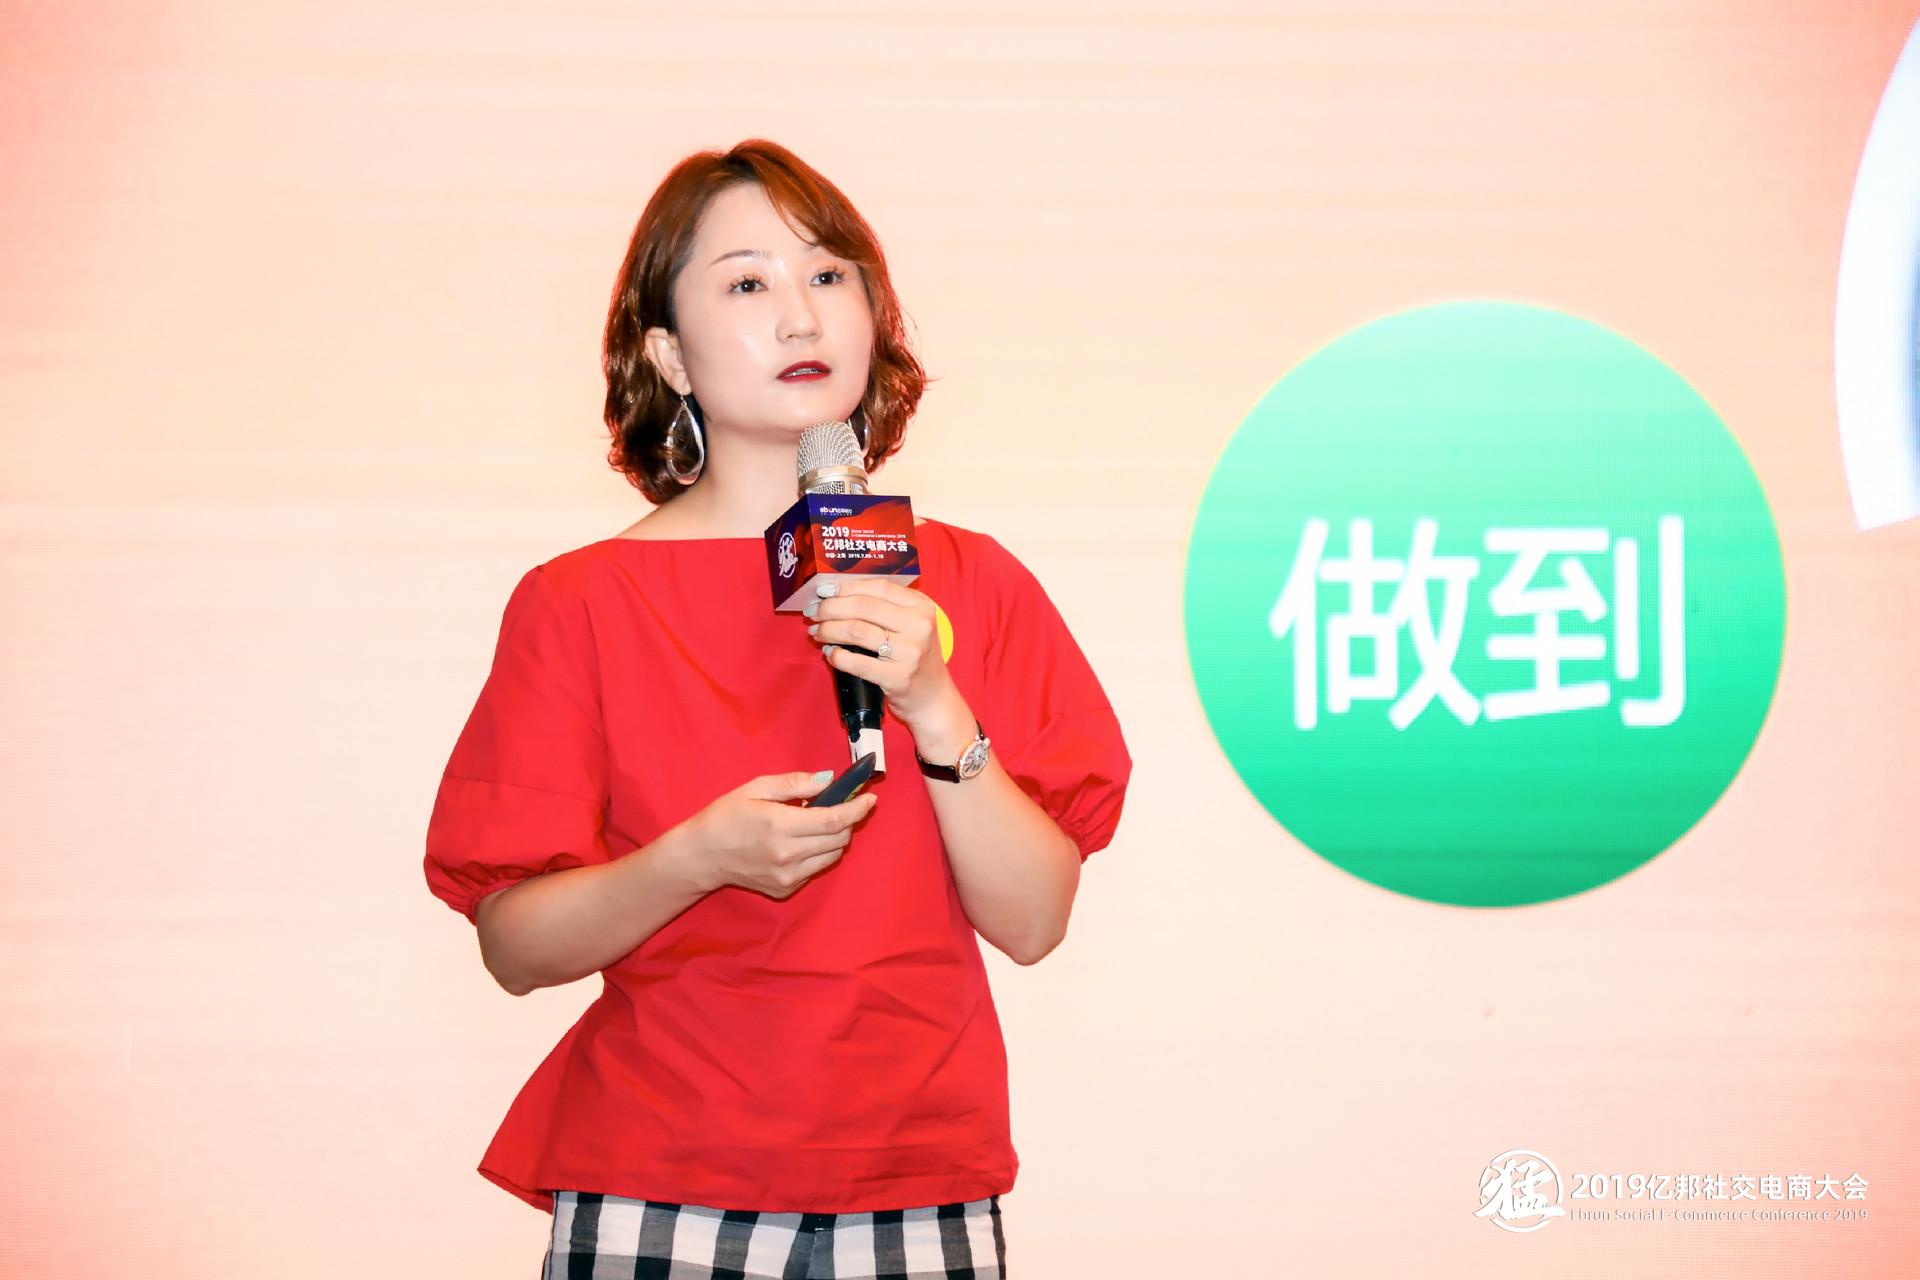 犬印本铺黄玲浈:如何玩转小红书?